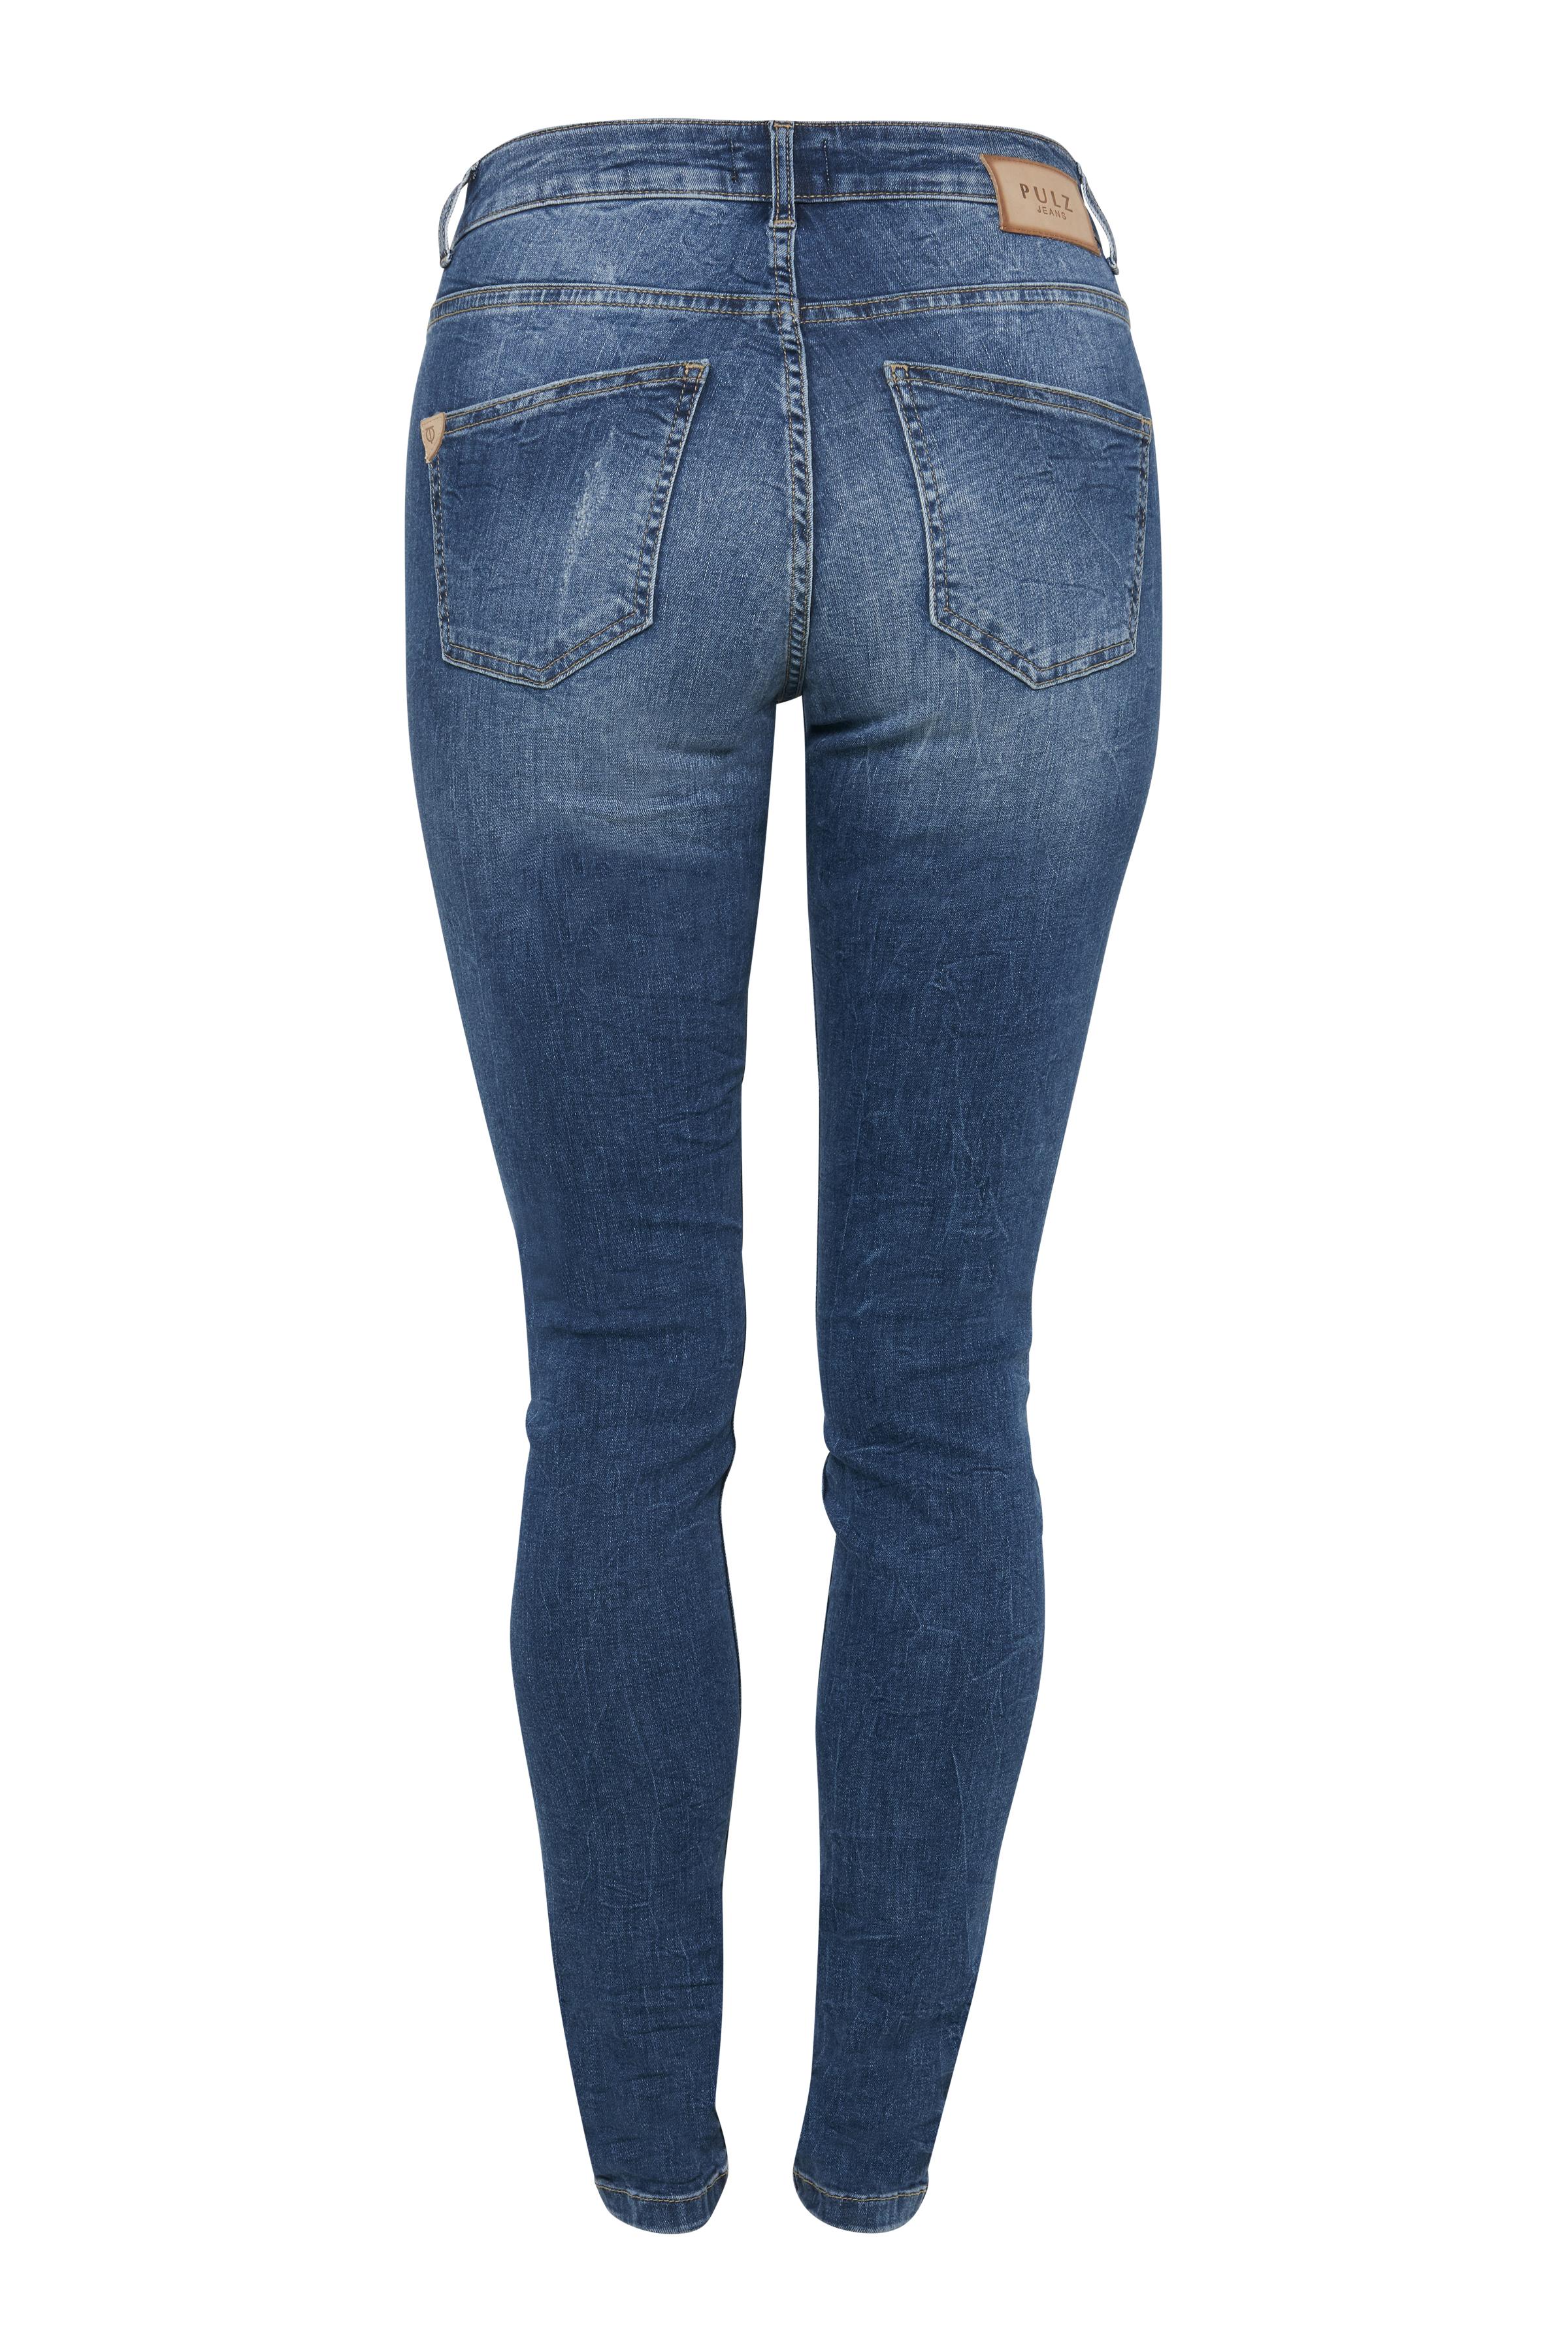 Denimblau Jeans von Pulz Jeans – Shoppen Sie Denimblau Jeans ab Gr. 25-36 hier